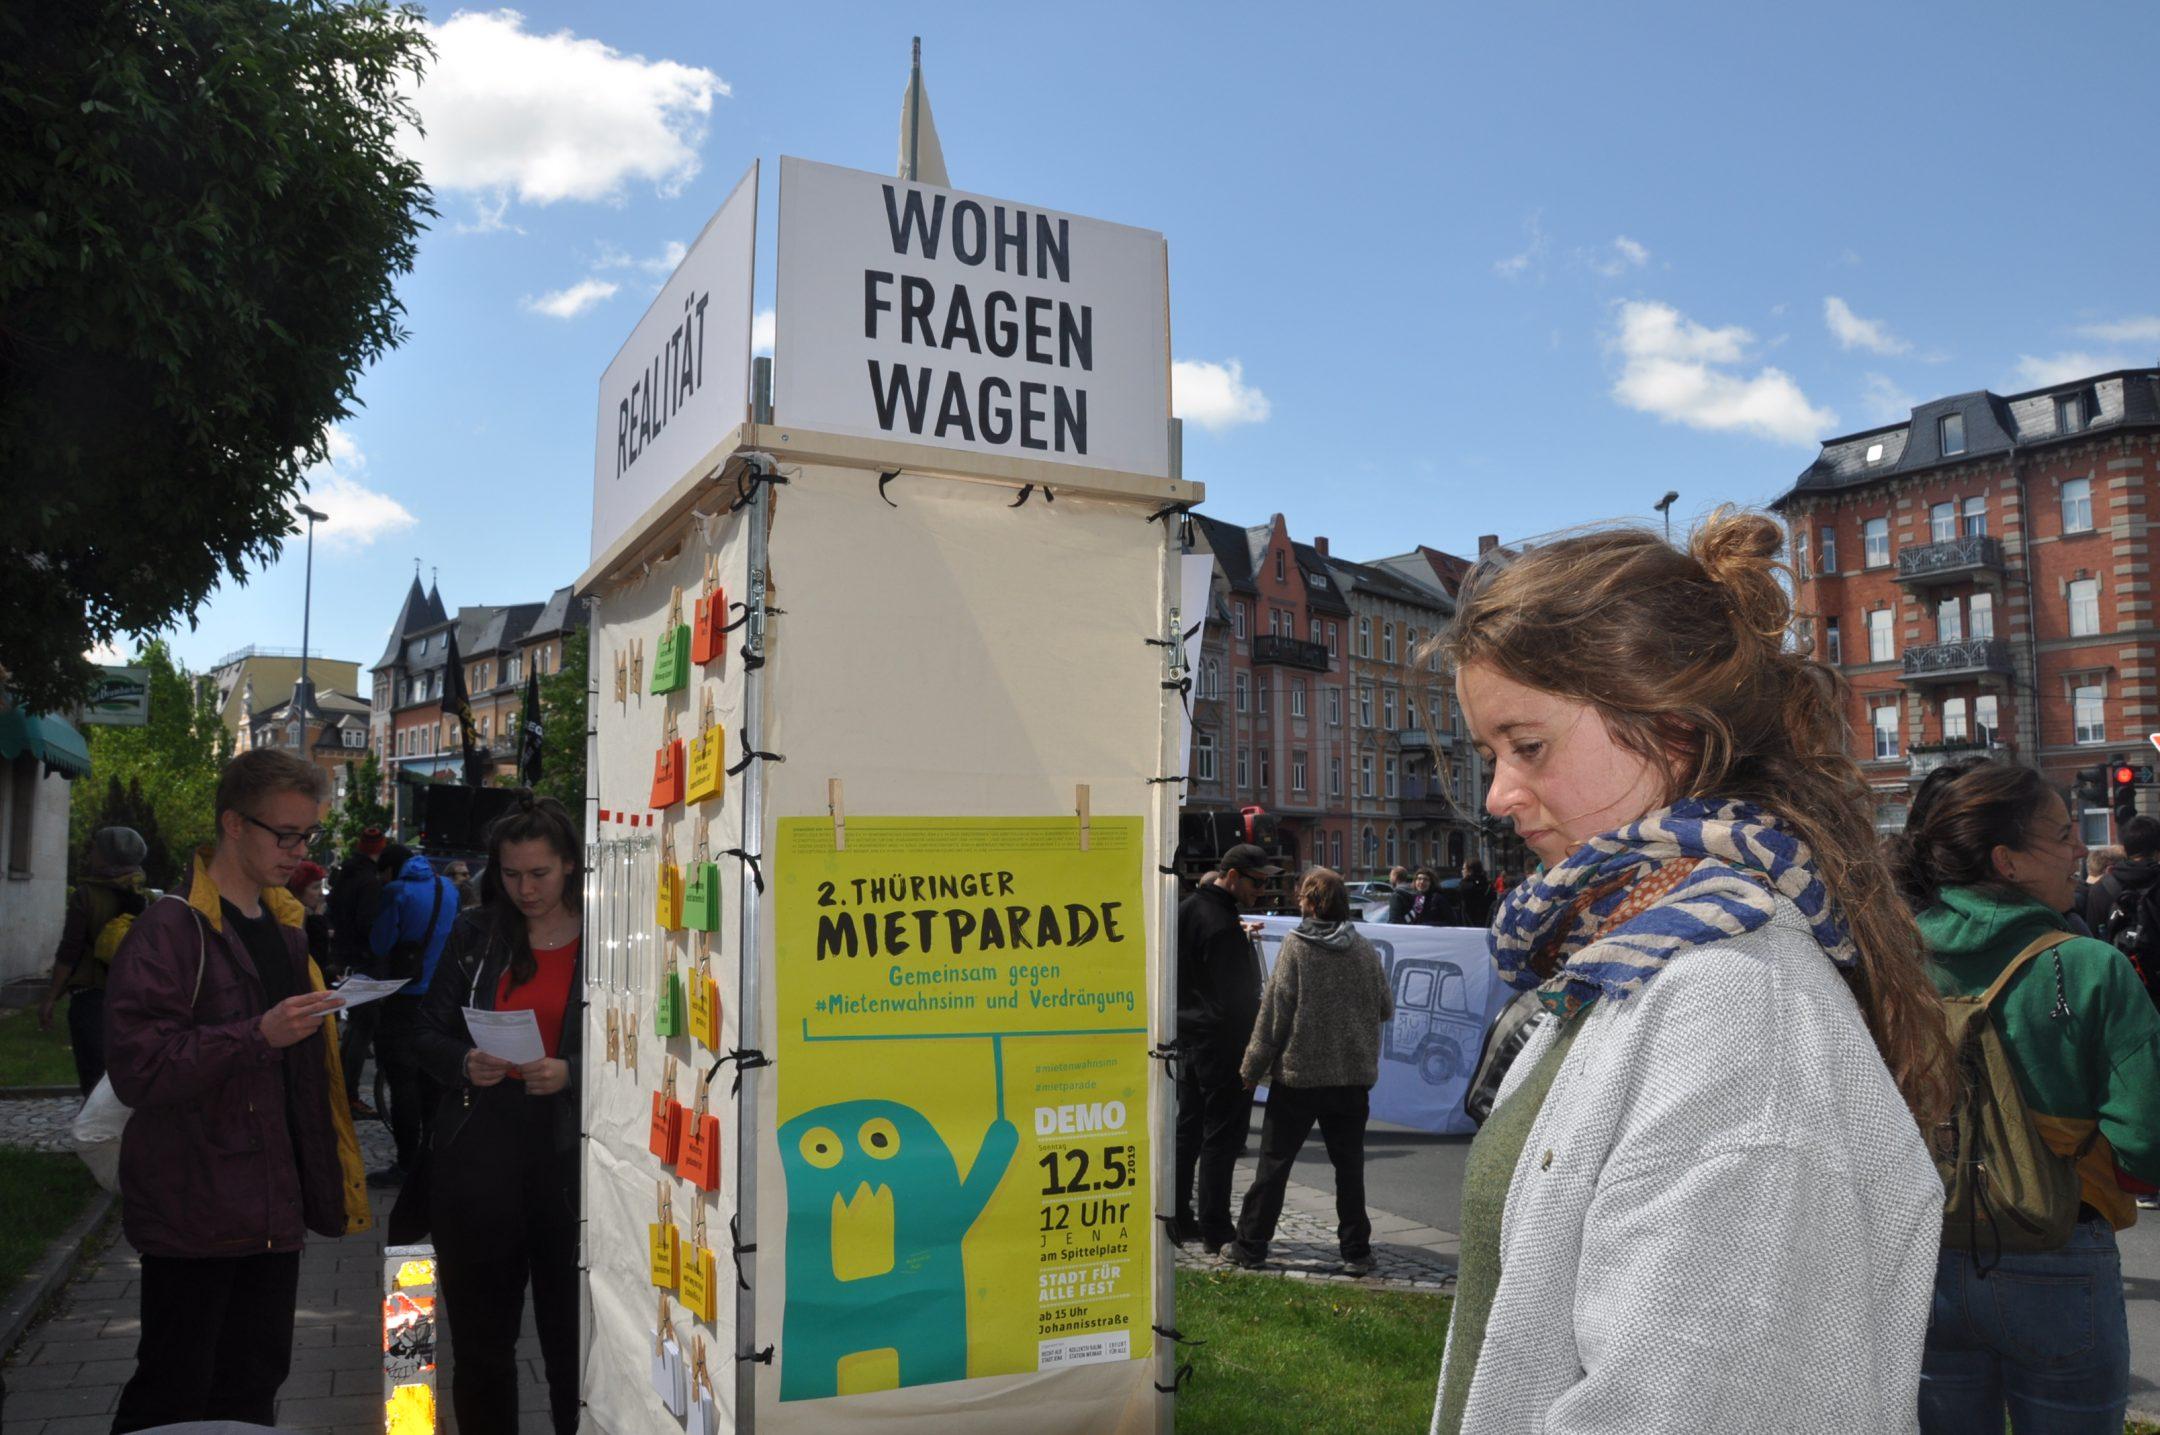 (Thüringer Mietparade & Wohnfragenwagen – Kollektiv Raumstation)